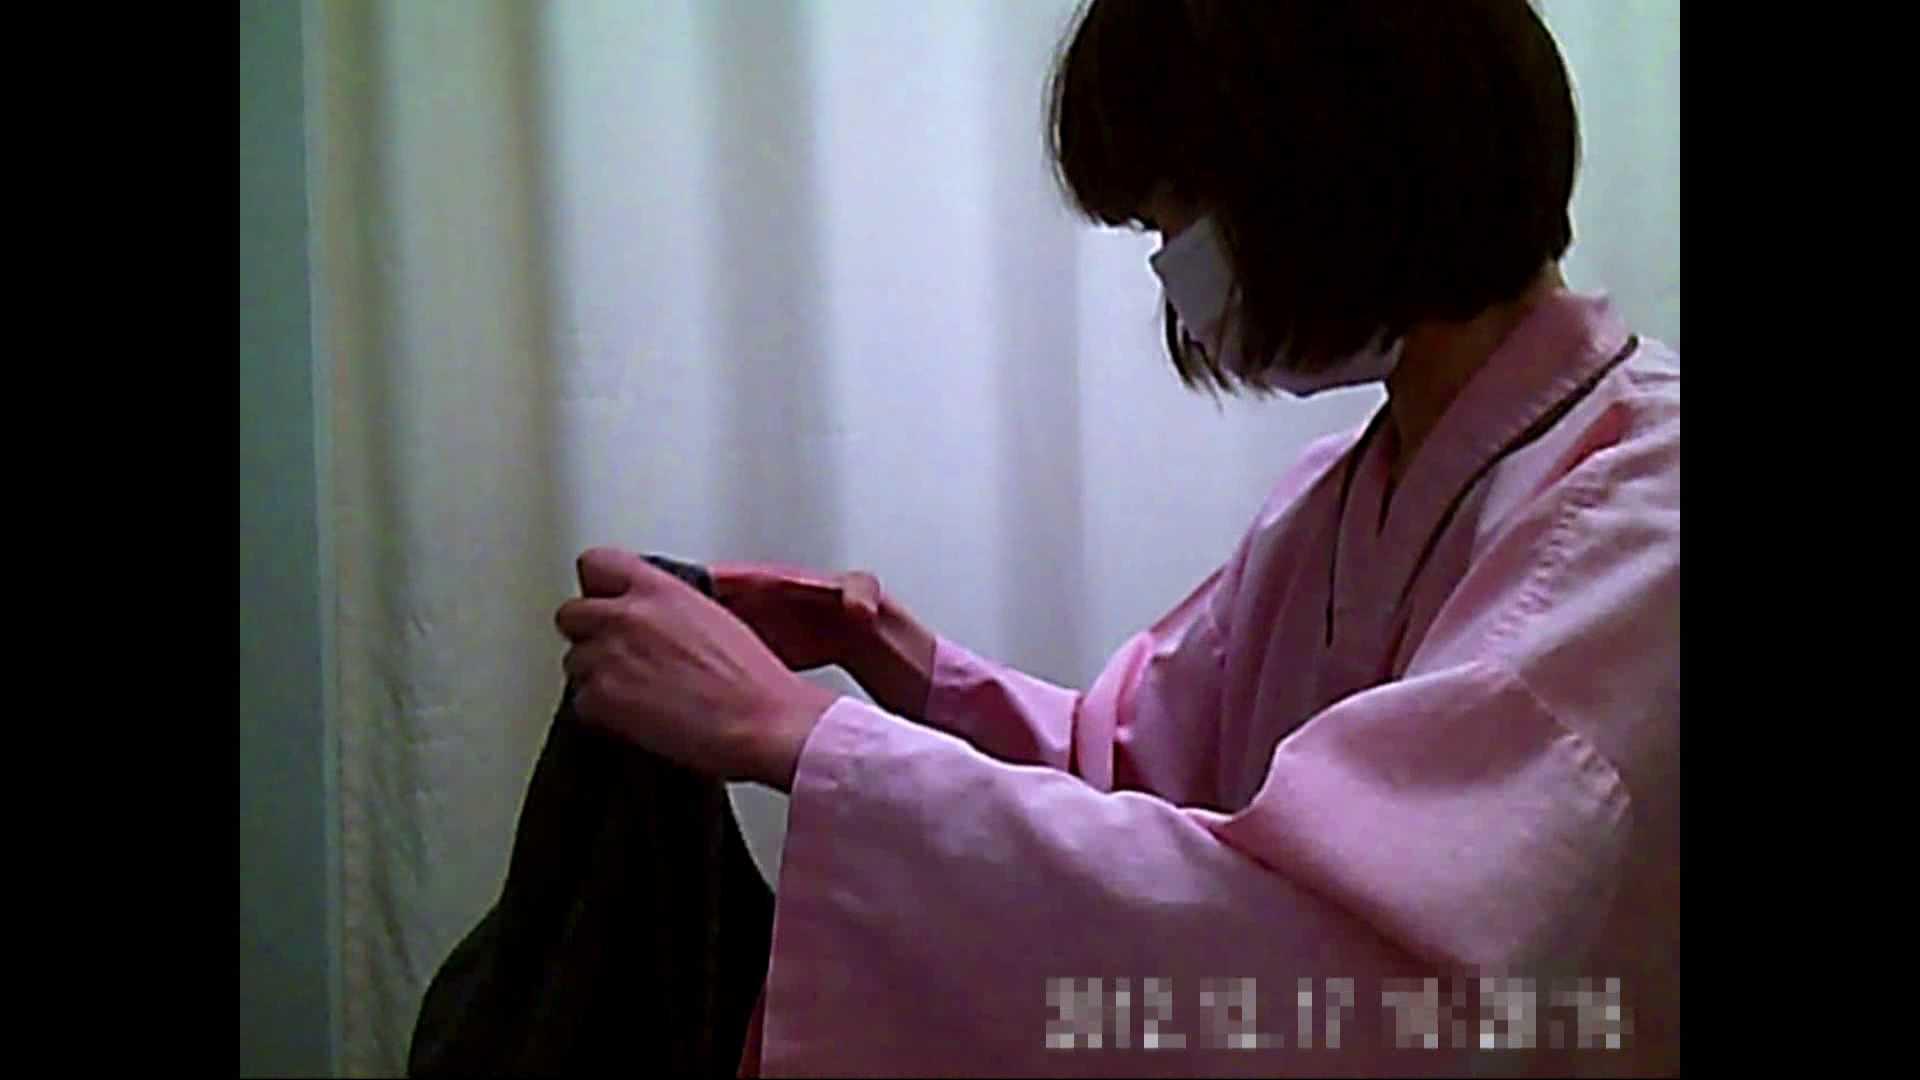 元医者による反抗 更衣室地獄絵巻 vol.117 OL  102pic 13